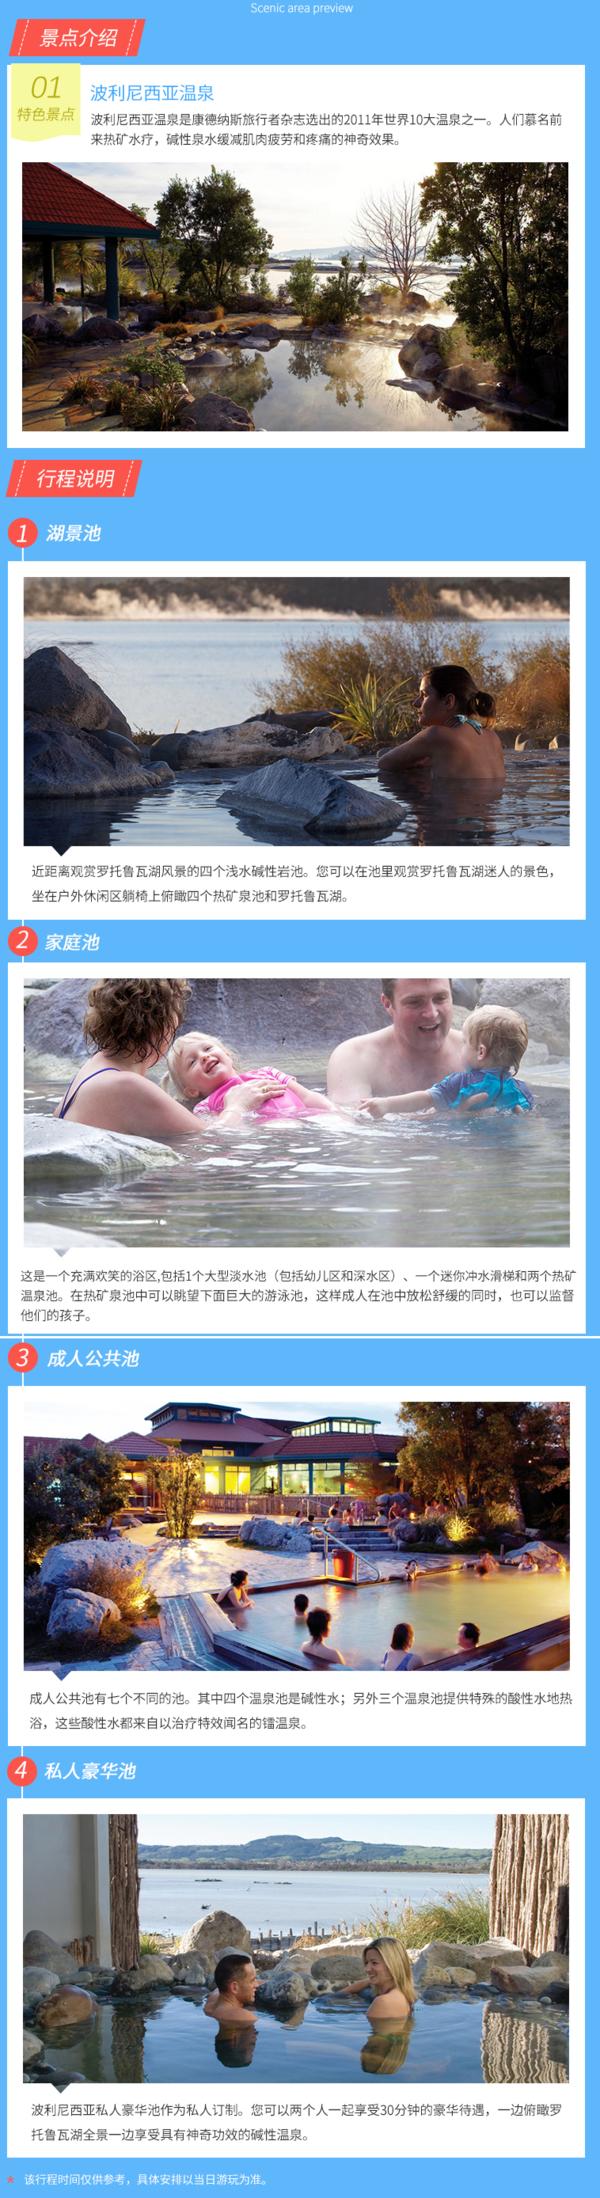 世界十大温泉之一!新西兰罗托鲁瓦 波利尼西亚地热温泉